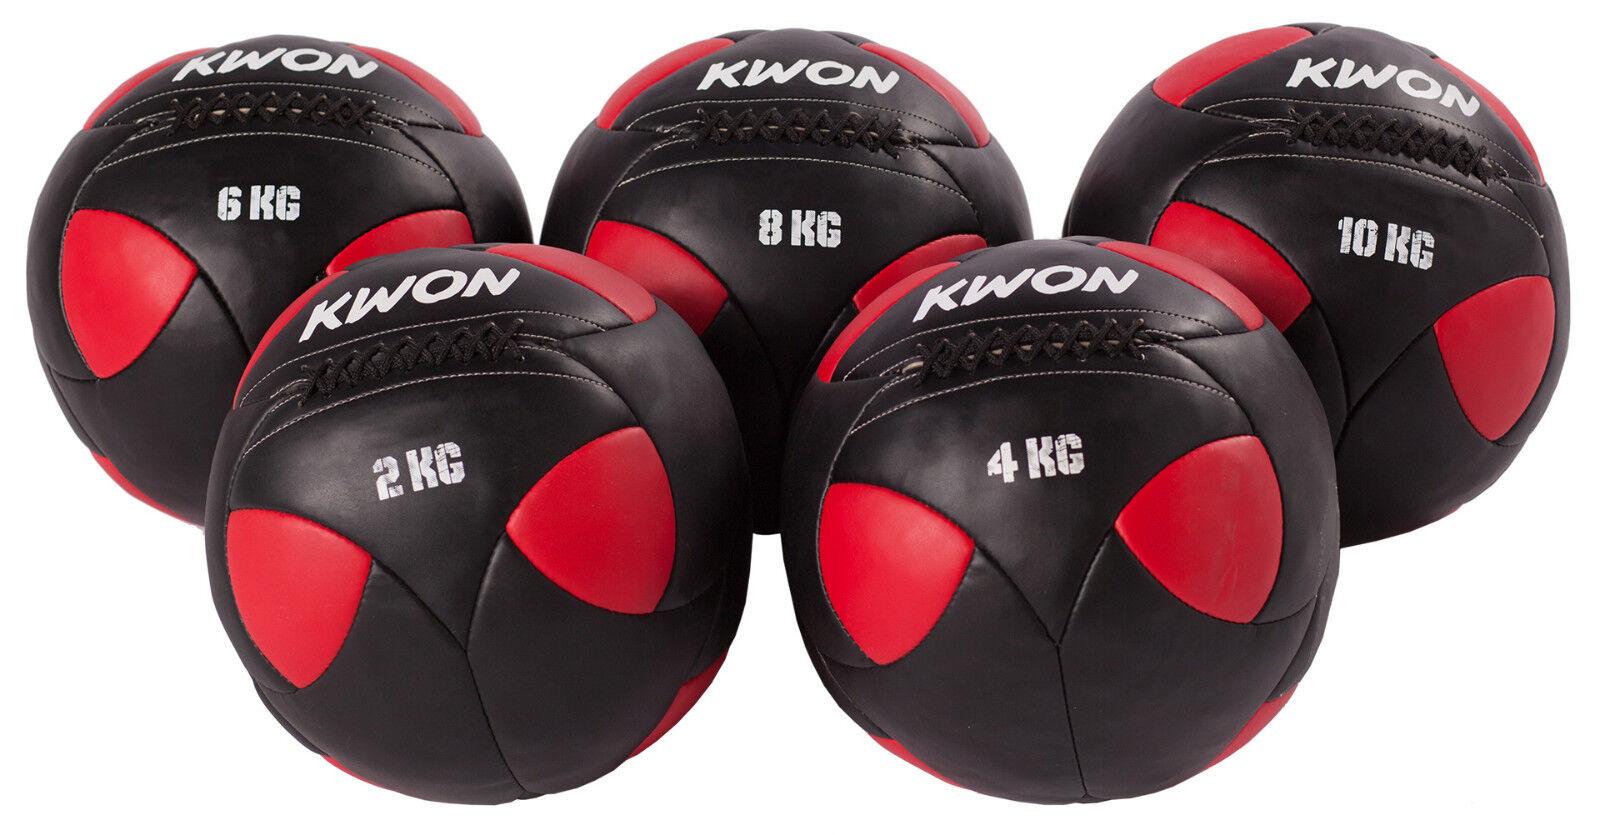 Kwon-TRAINING BALL. medicina palla. estremamente robusto. allenamento della forza. arti marziali.